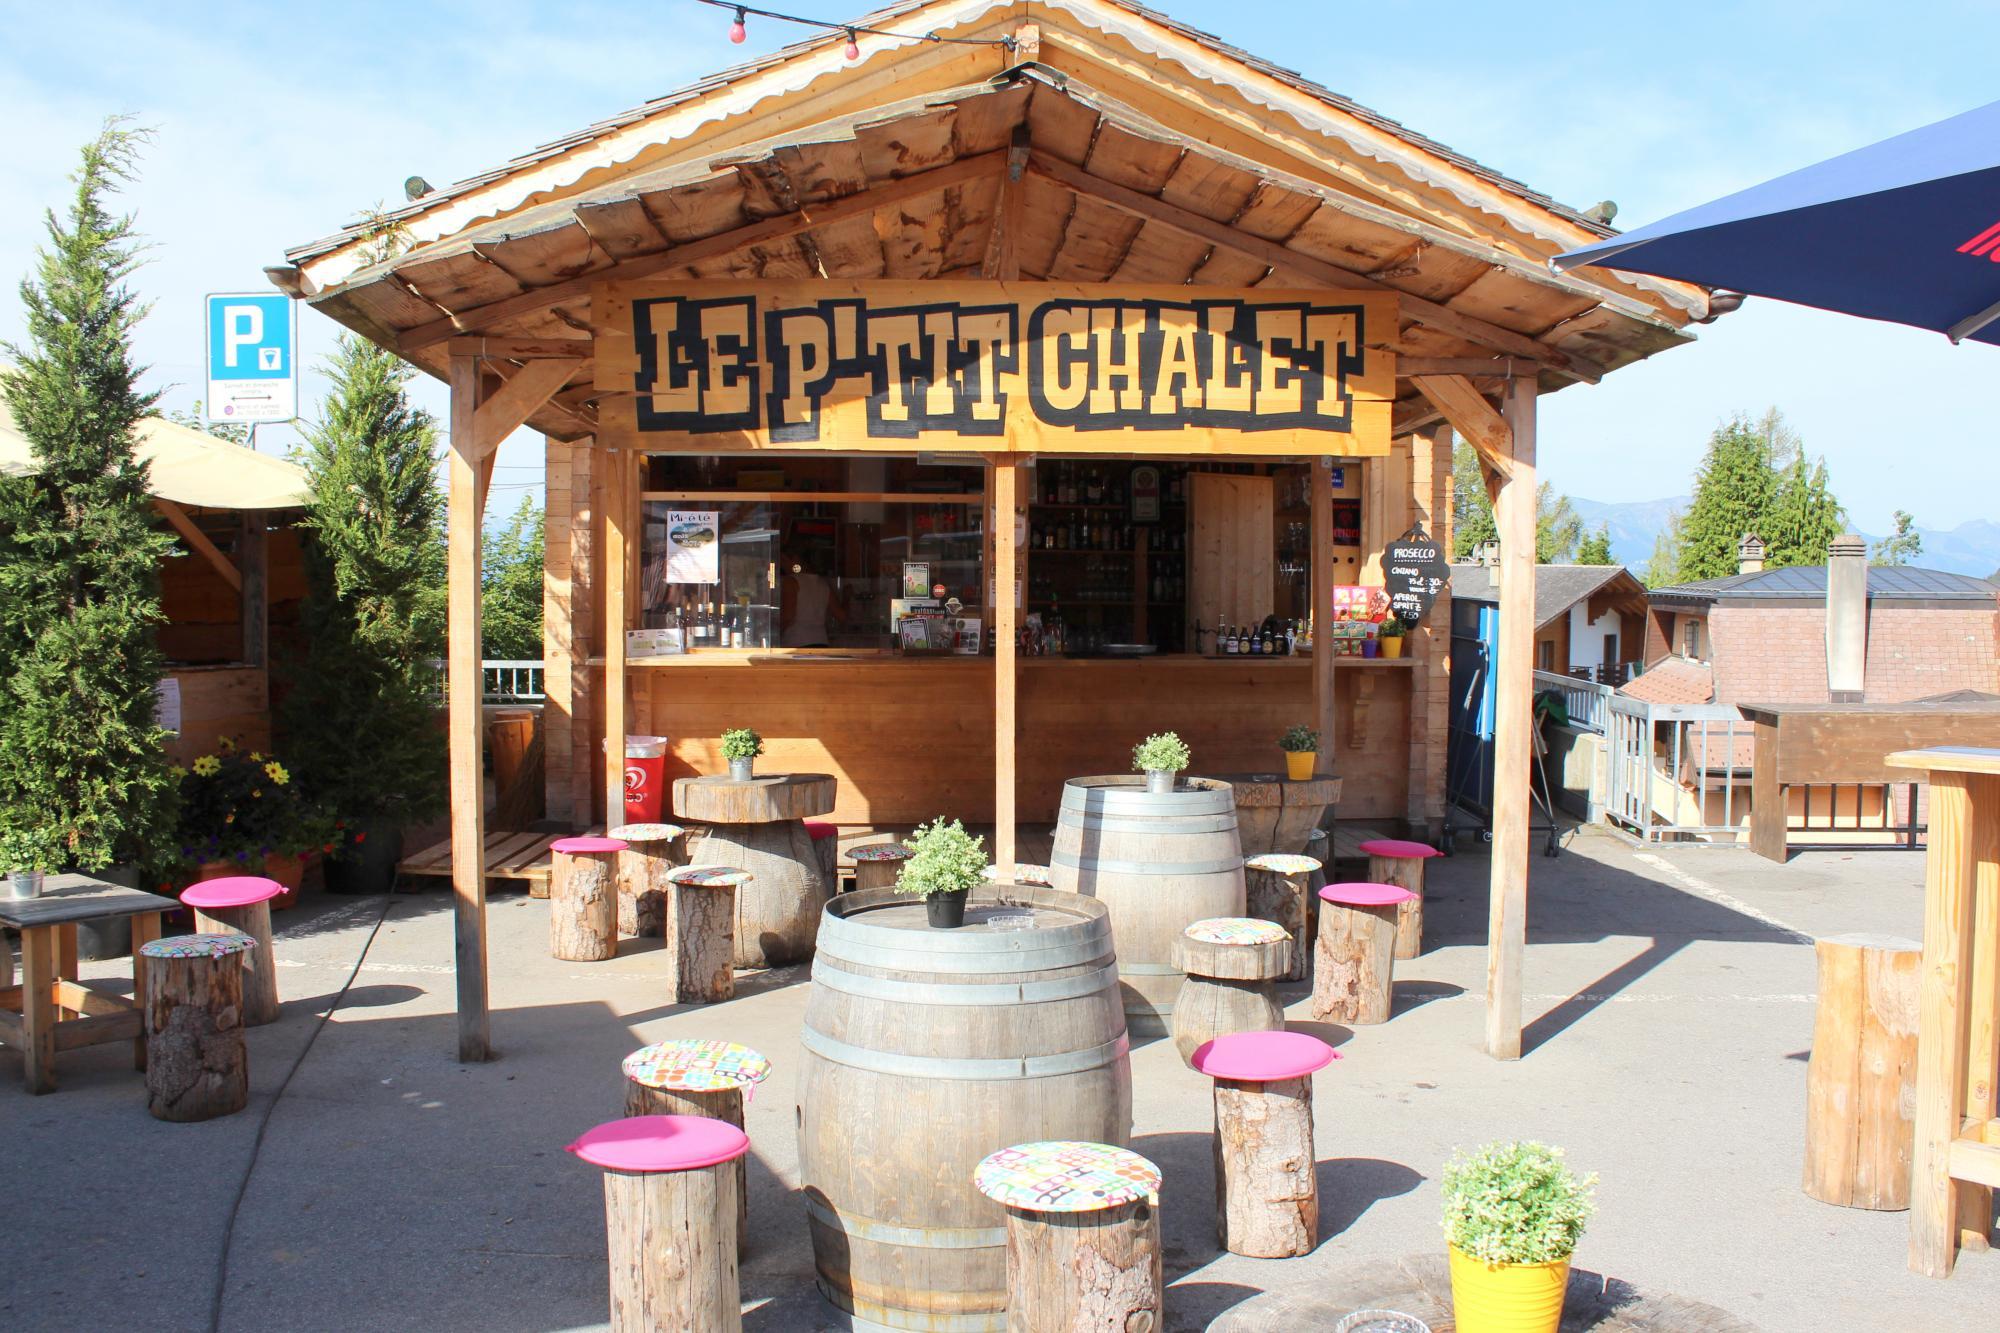 Le p 39 tit chalet villars gryon les diablerets bex suisse - Office tourisme diablerets ...